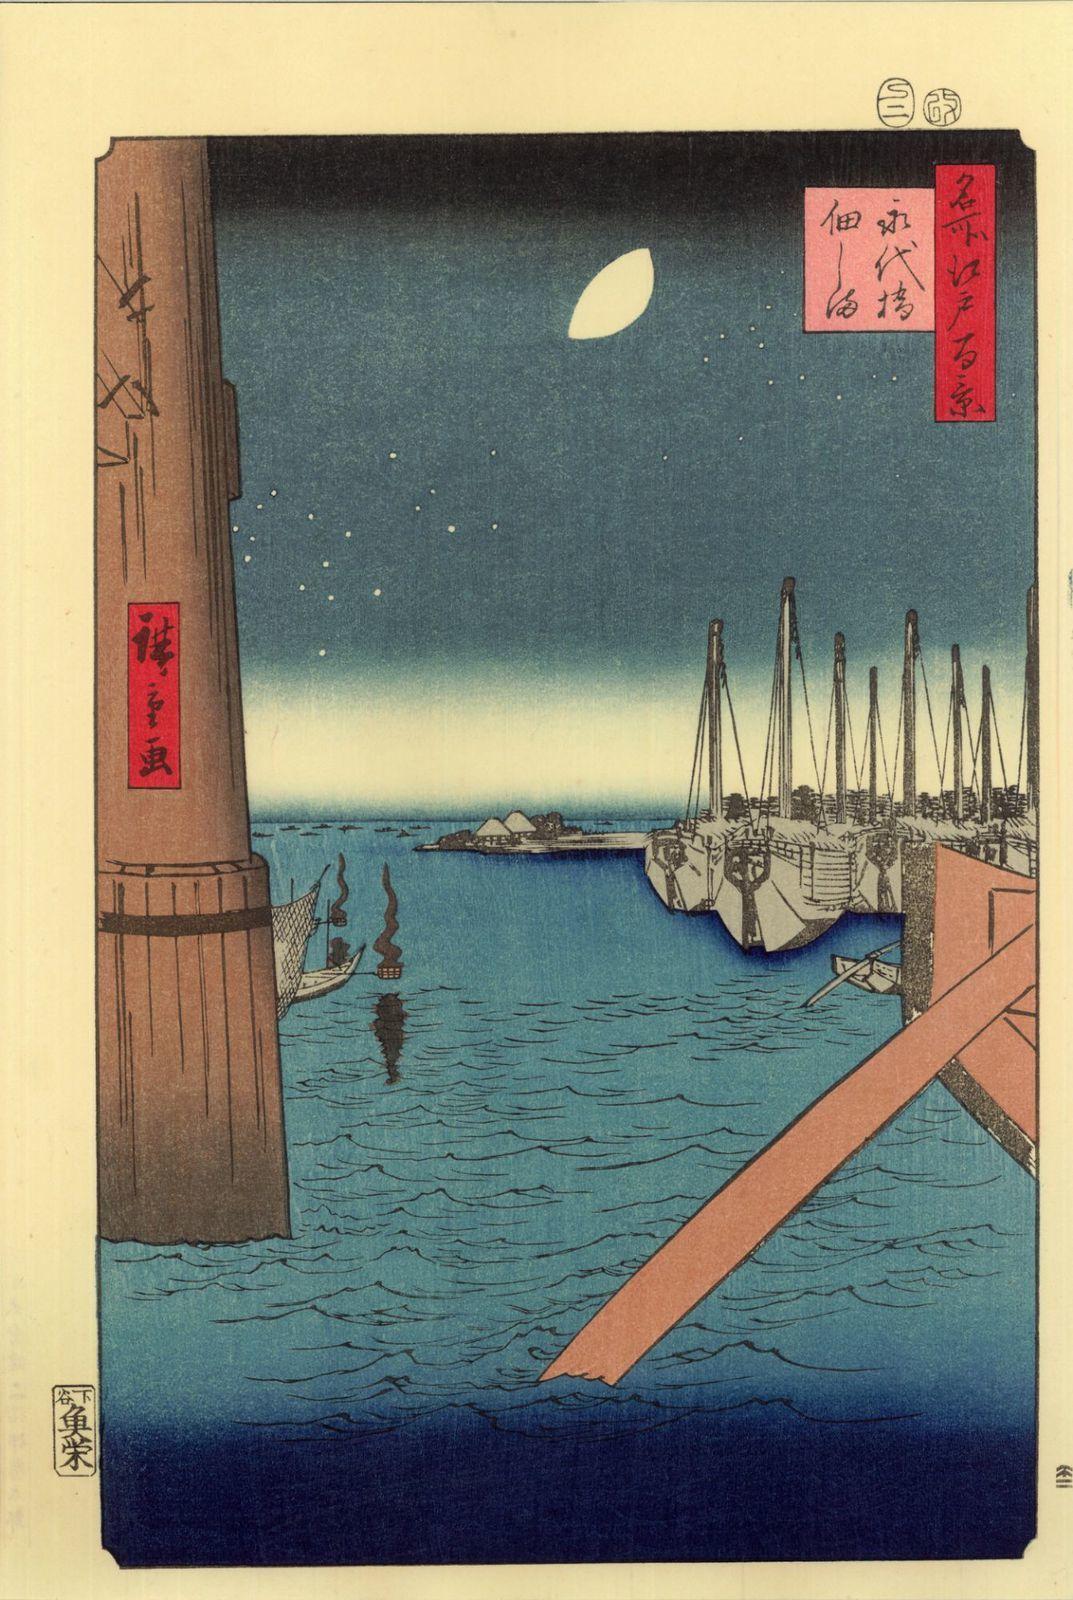 vends belles et véritables estampes japonaises de la série d'Hiroshige des 100 vues d'Edo